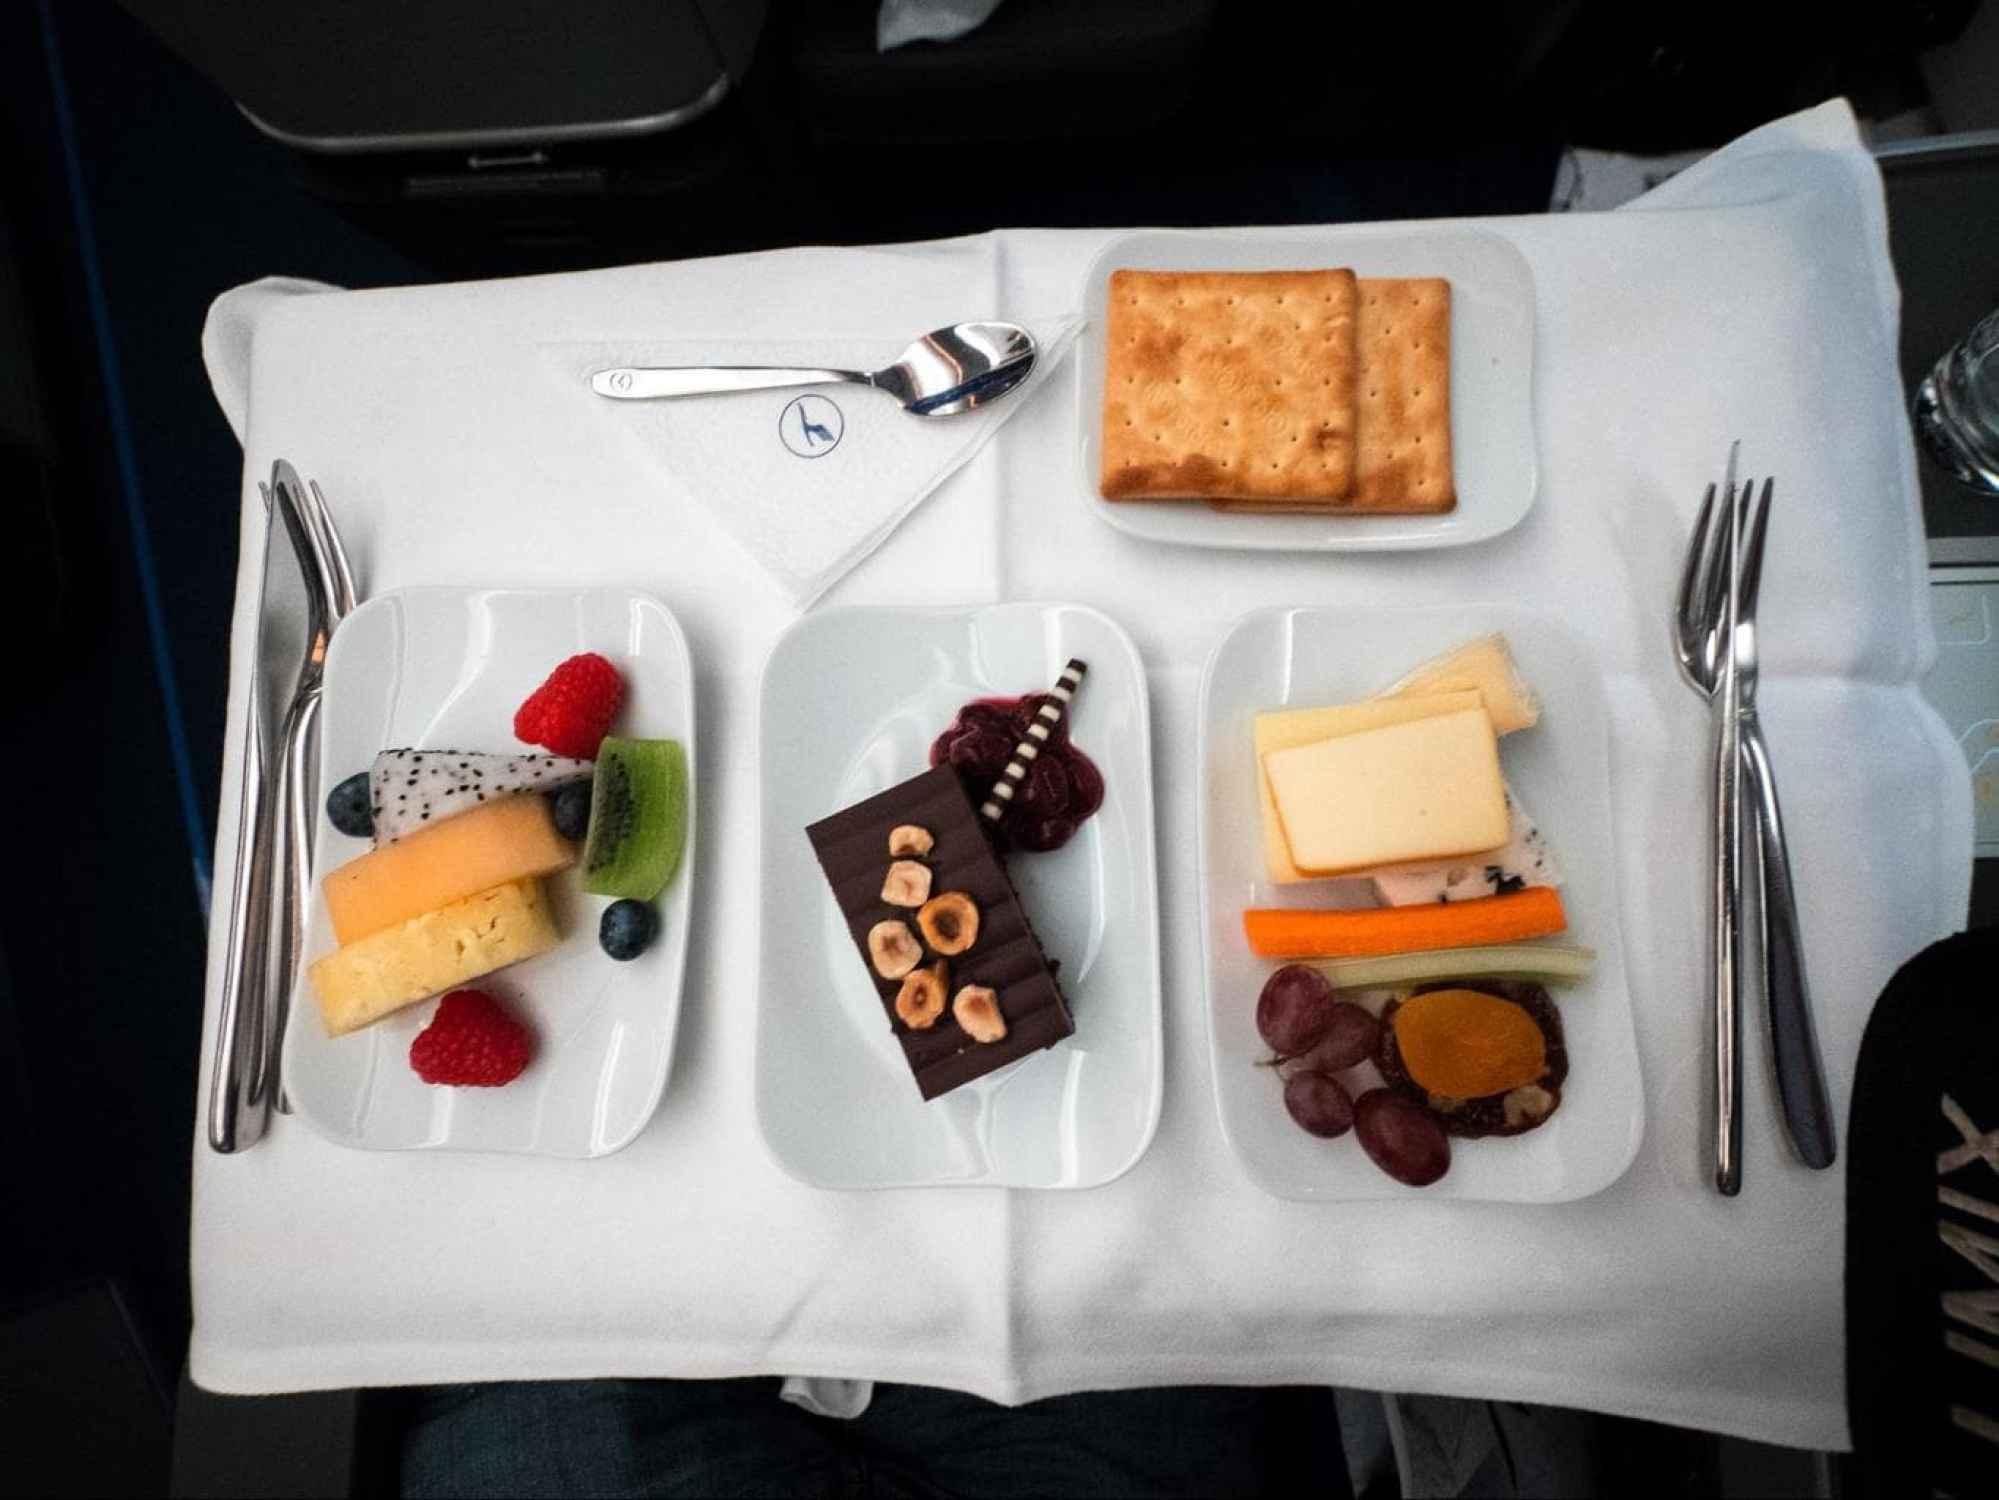 Lufthansa Business Class food - Set of desserts